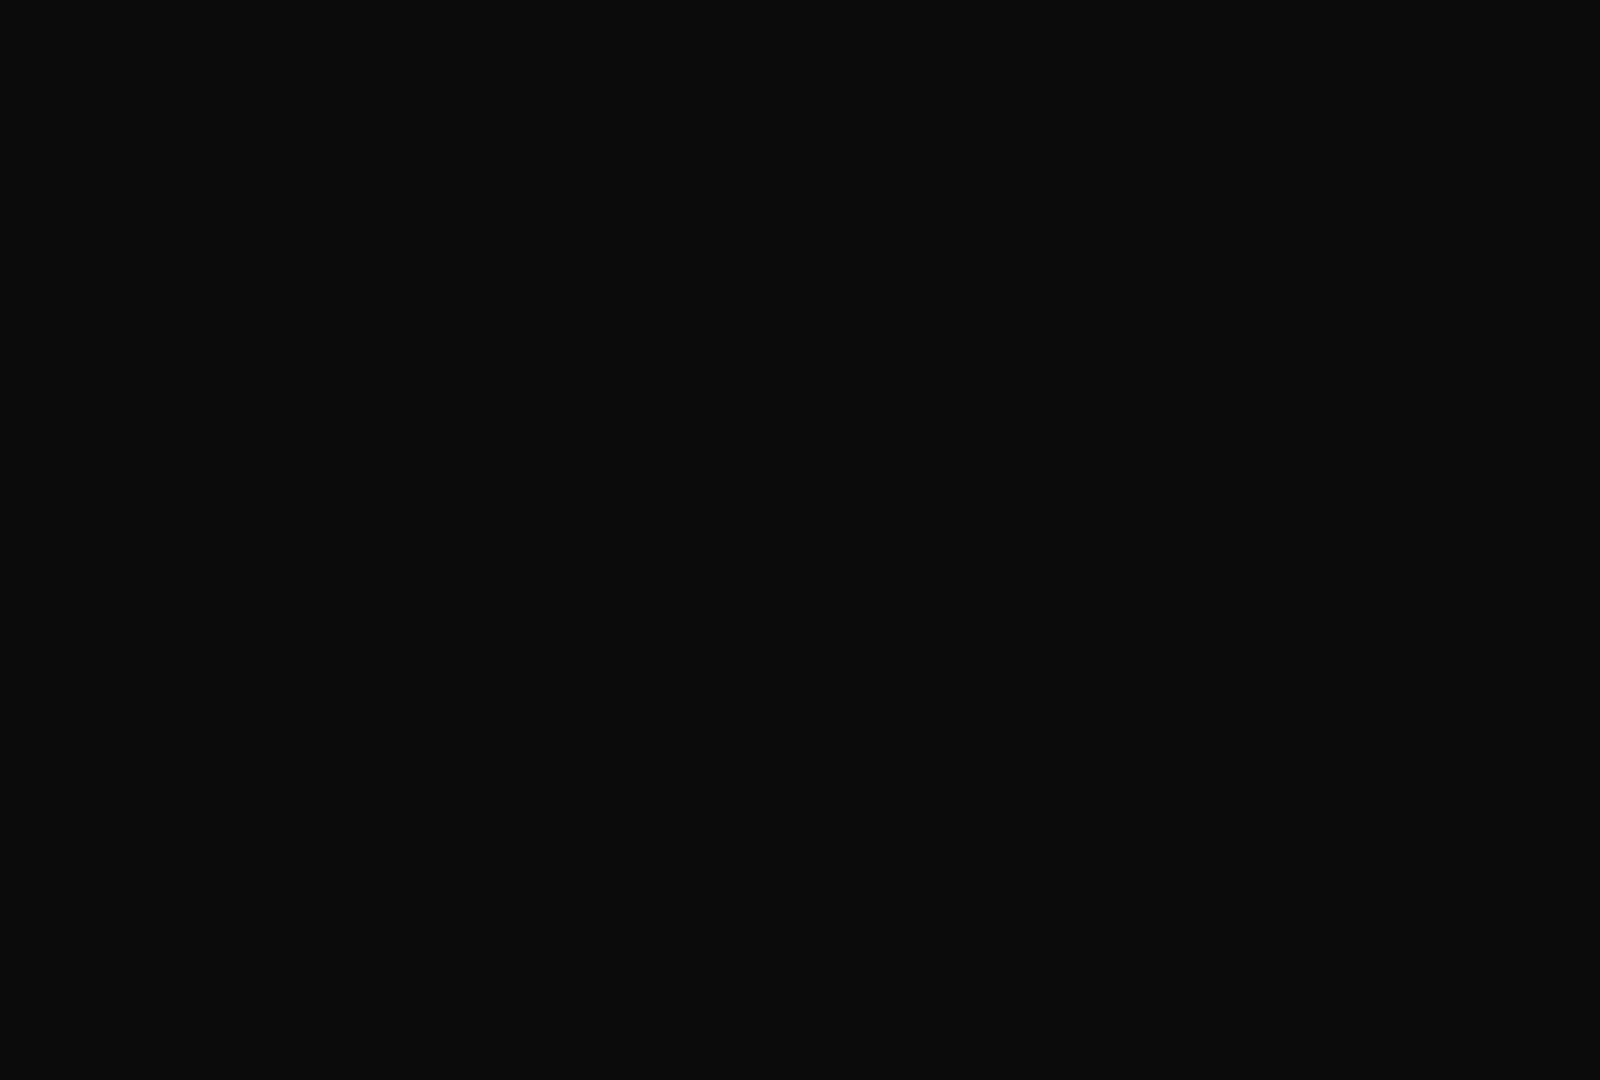 充血監督の深夜の運動会Vol.66 萌えギャル | おまんこ丸見え  109連発 49